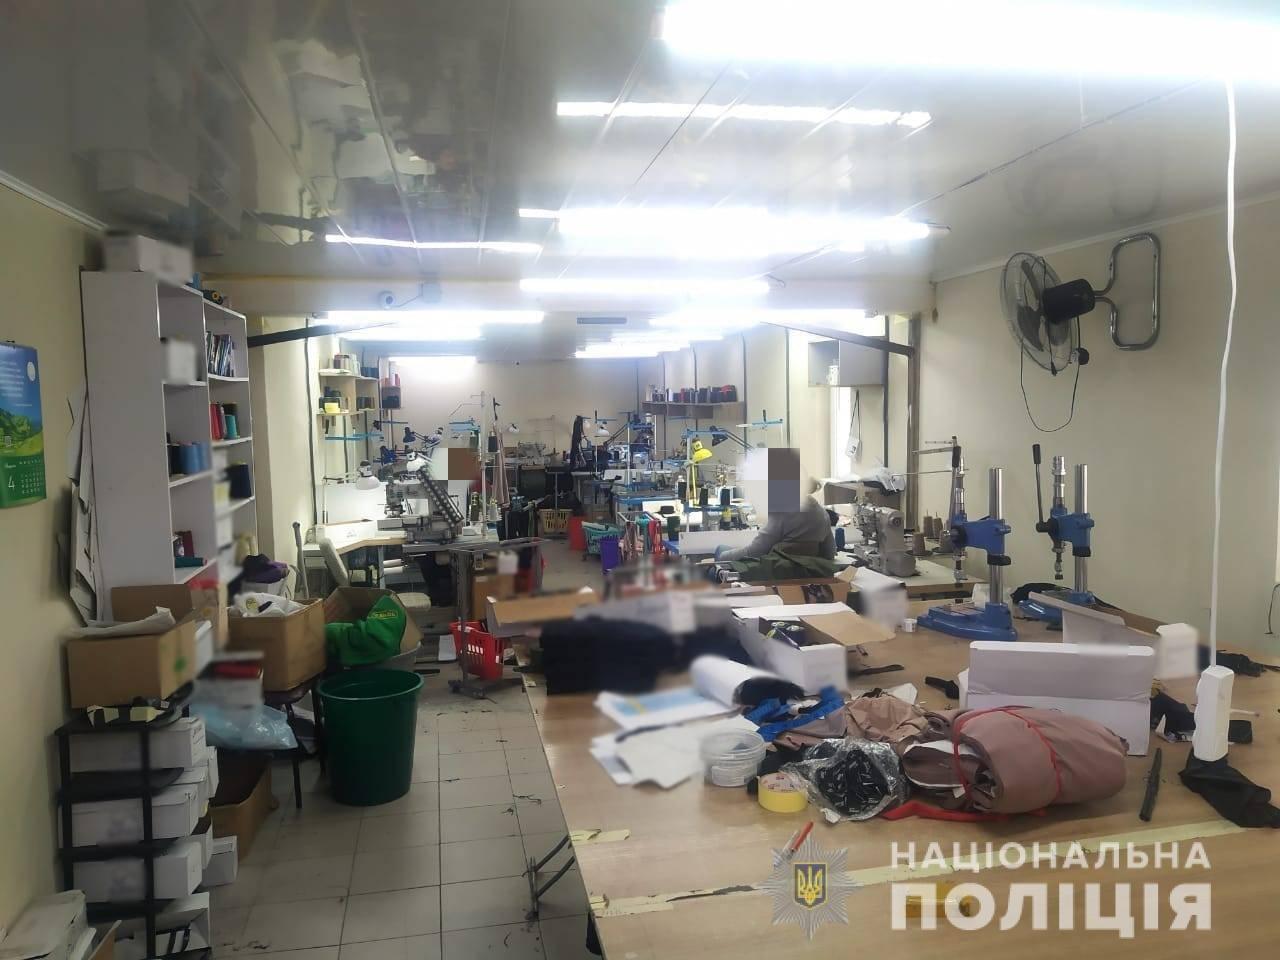 В Одессе разоблачили подпольный цех, в котором шили подделки под известные бренды , фото-1